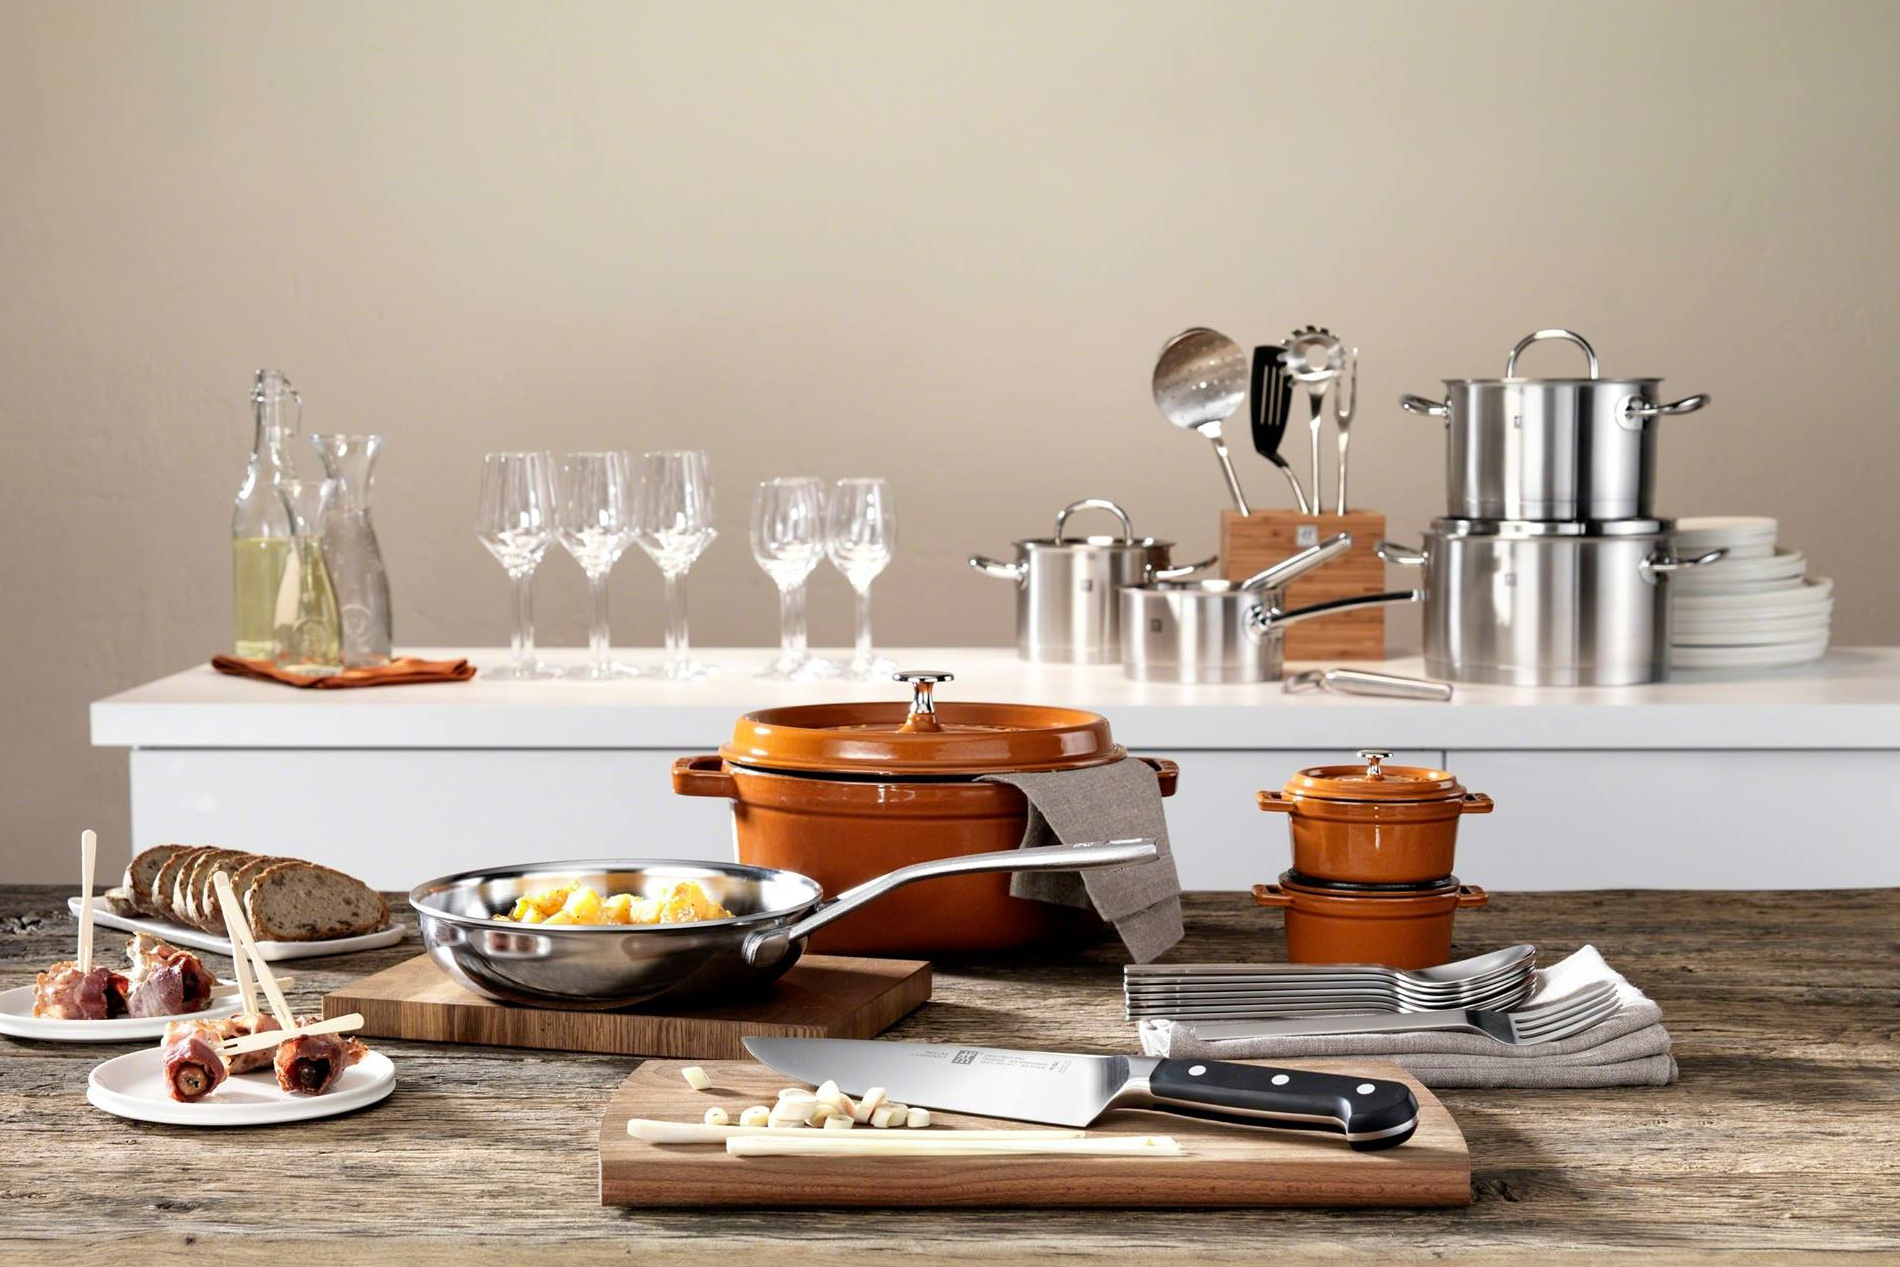 Diseño y tecnología, 290 años al servicio de los gadgets de cocina